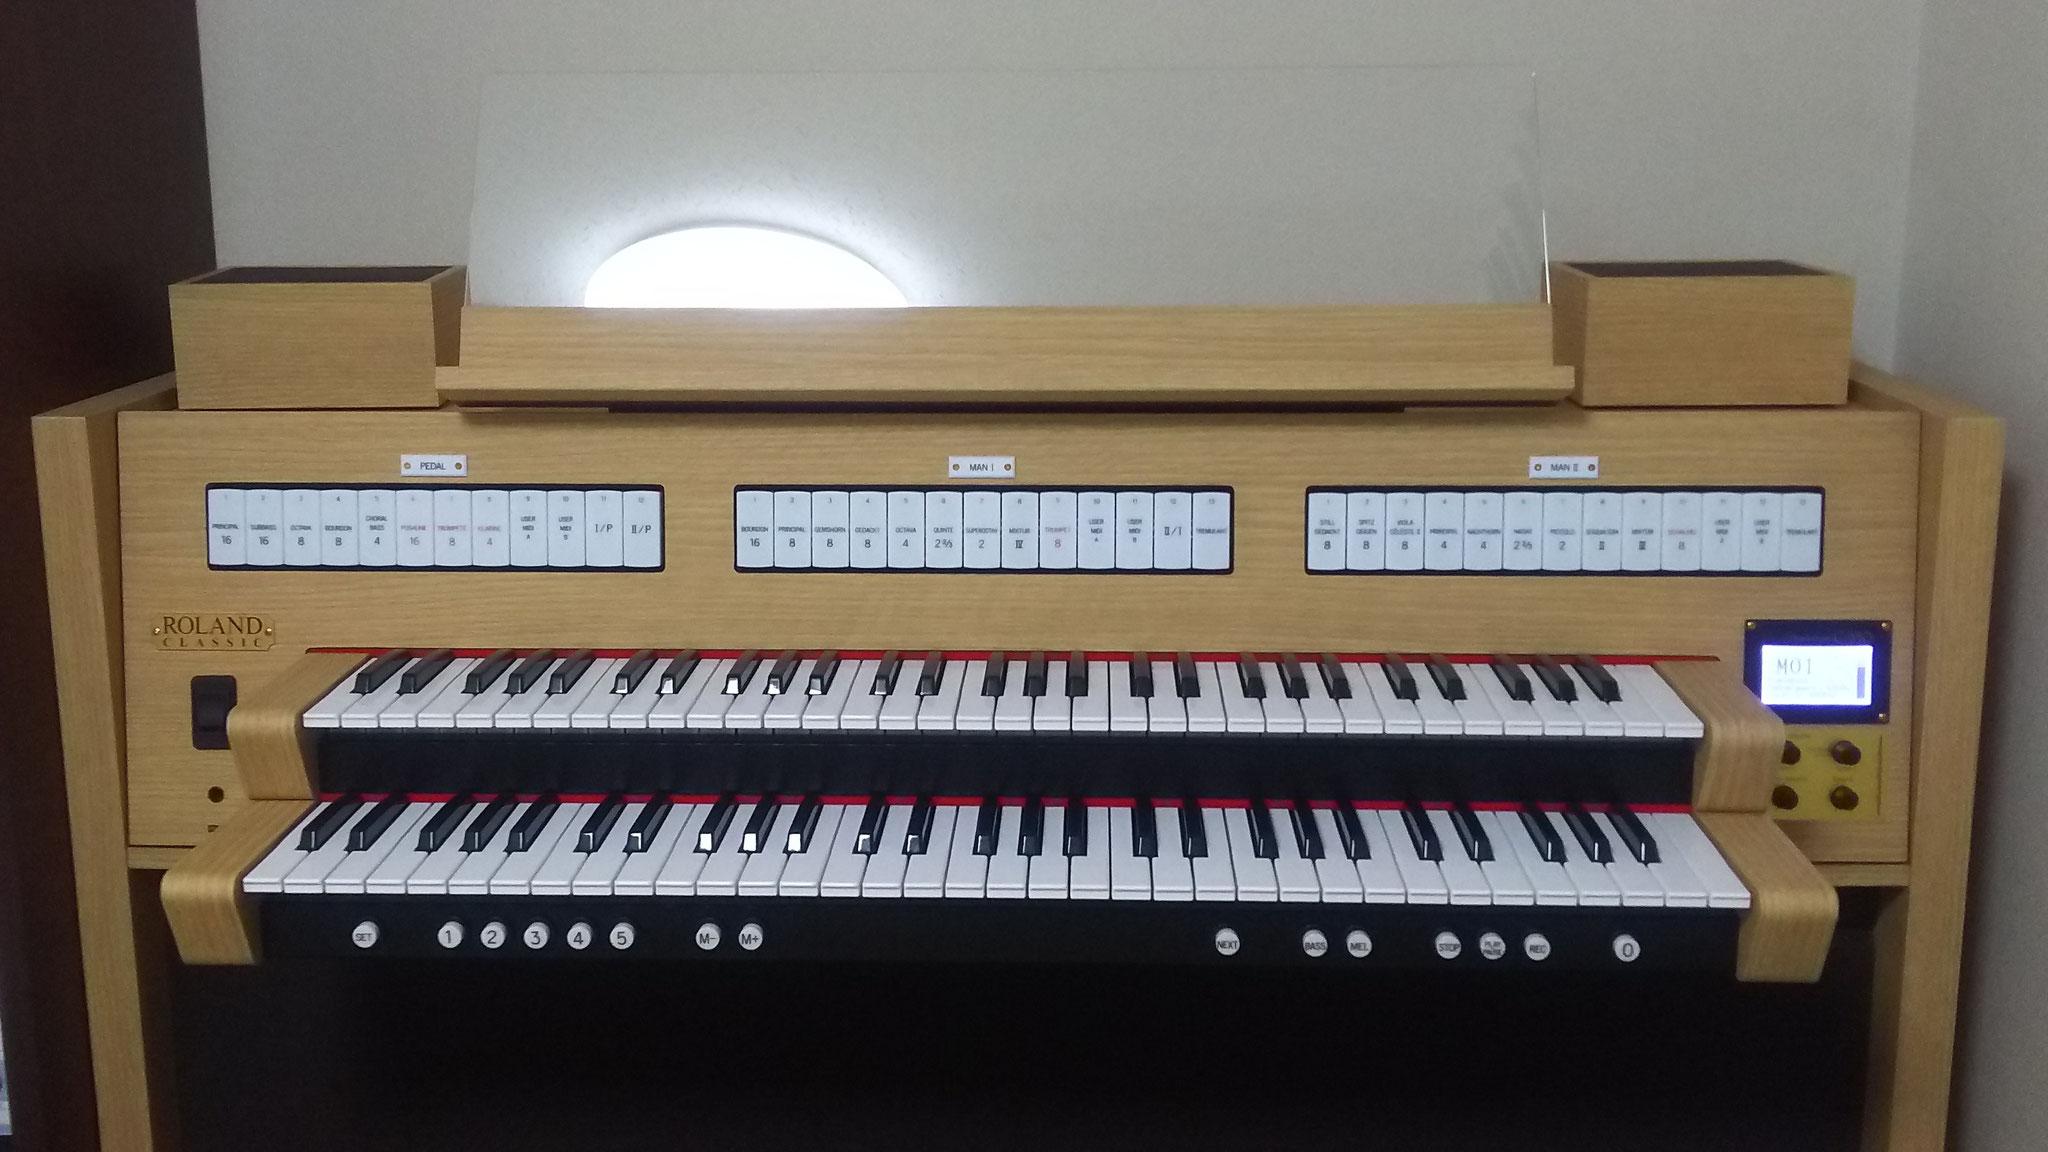 ローランドのクラシックオルガンです。小さいけど本格的です。